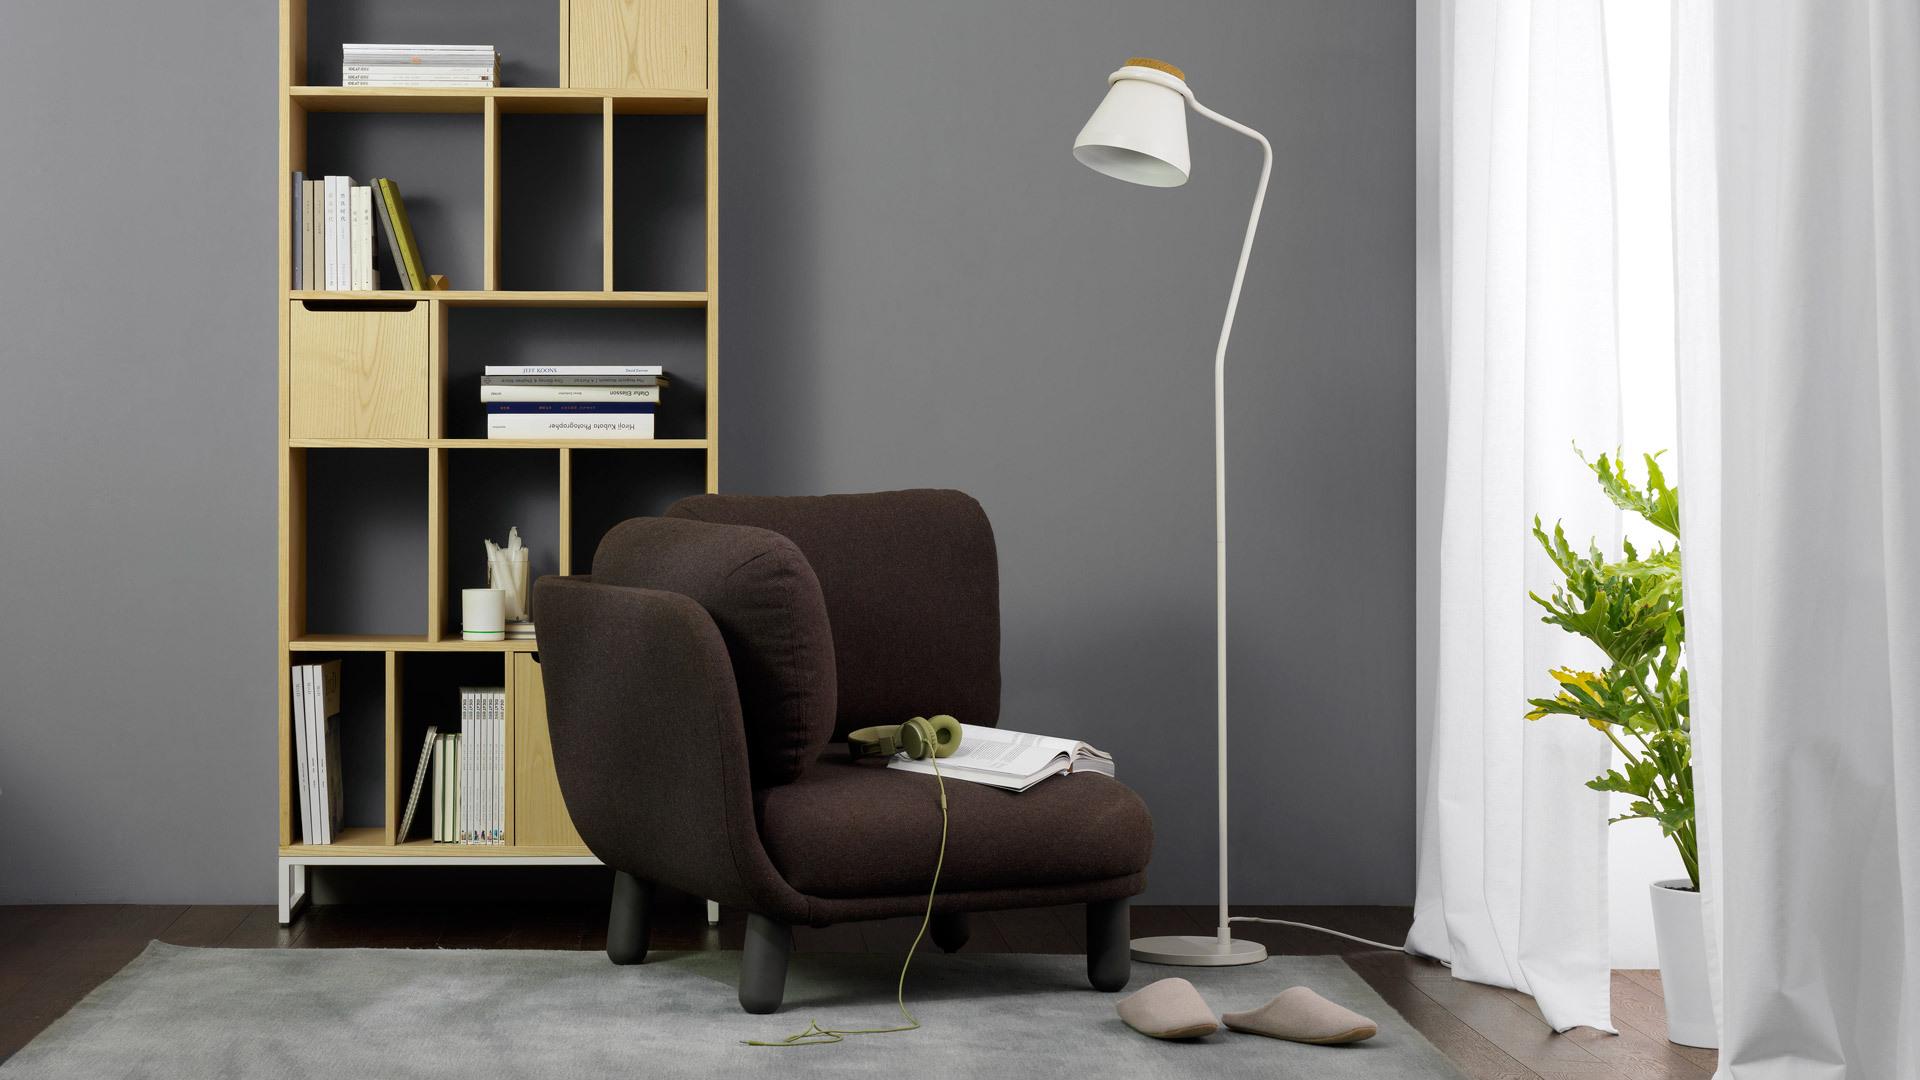 用0.8米宽书架衬在阅读背景角,温暖木色与柔软云团沙发相得益彰。